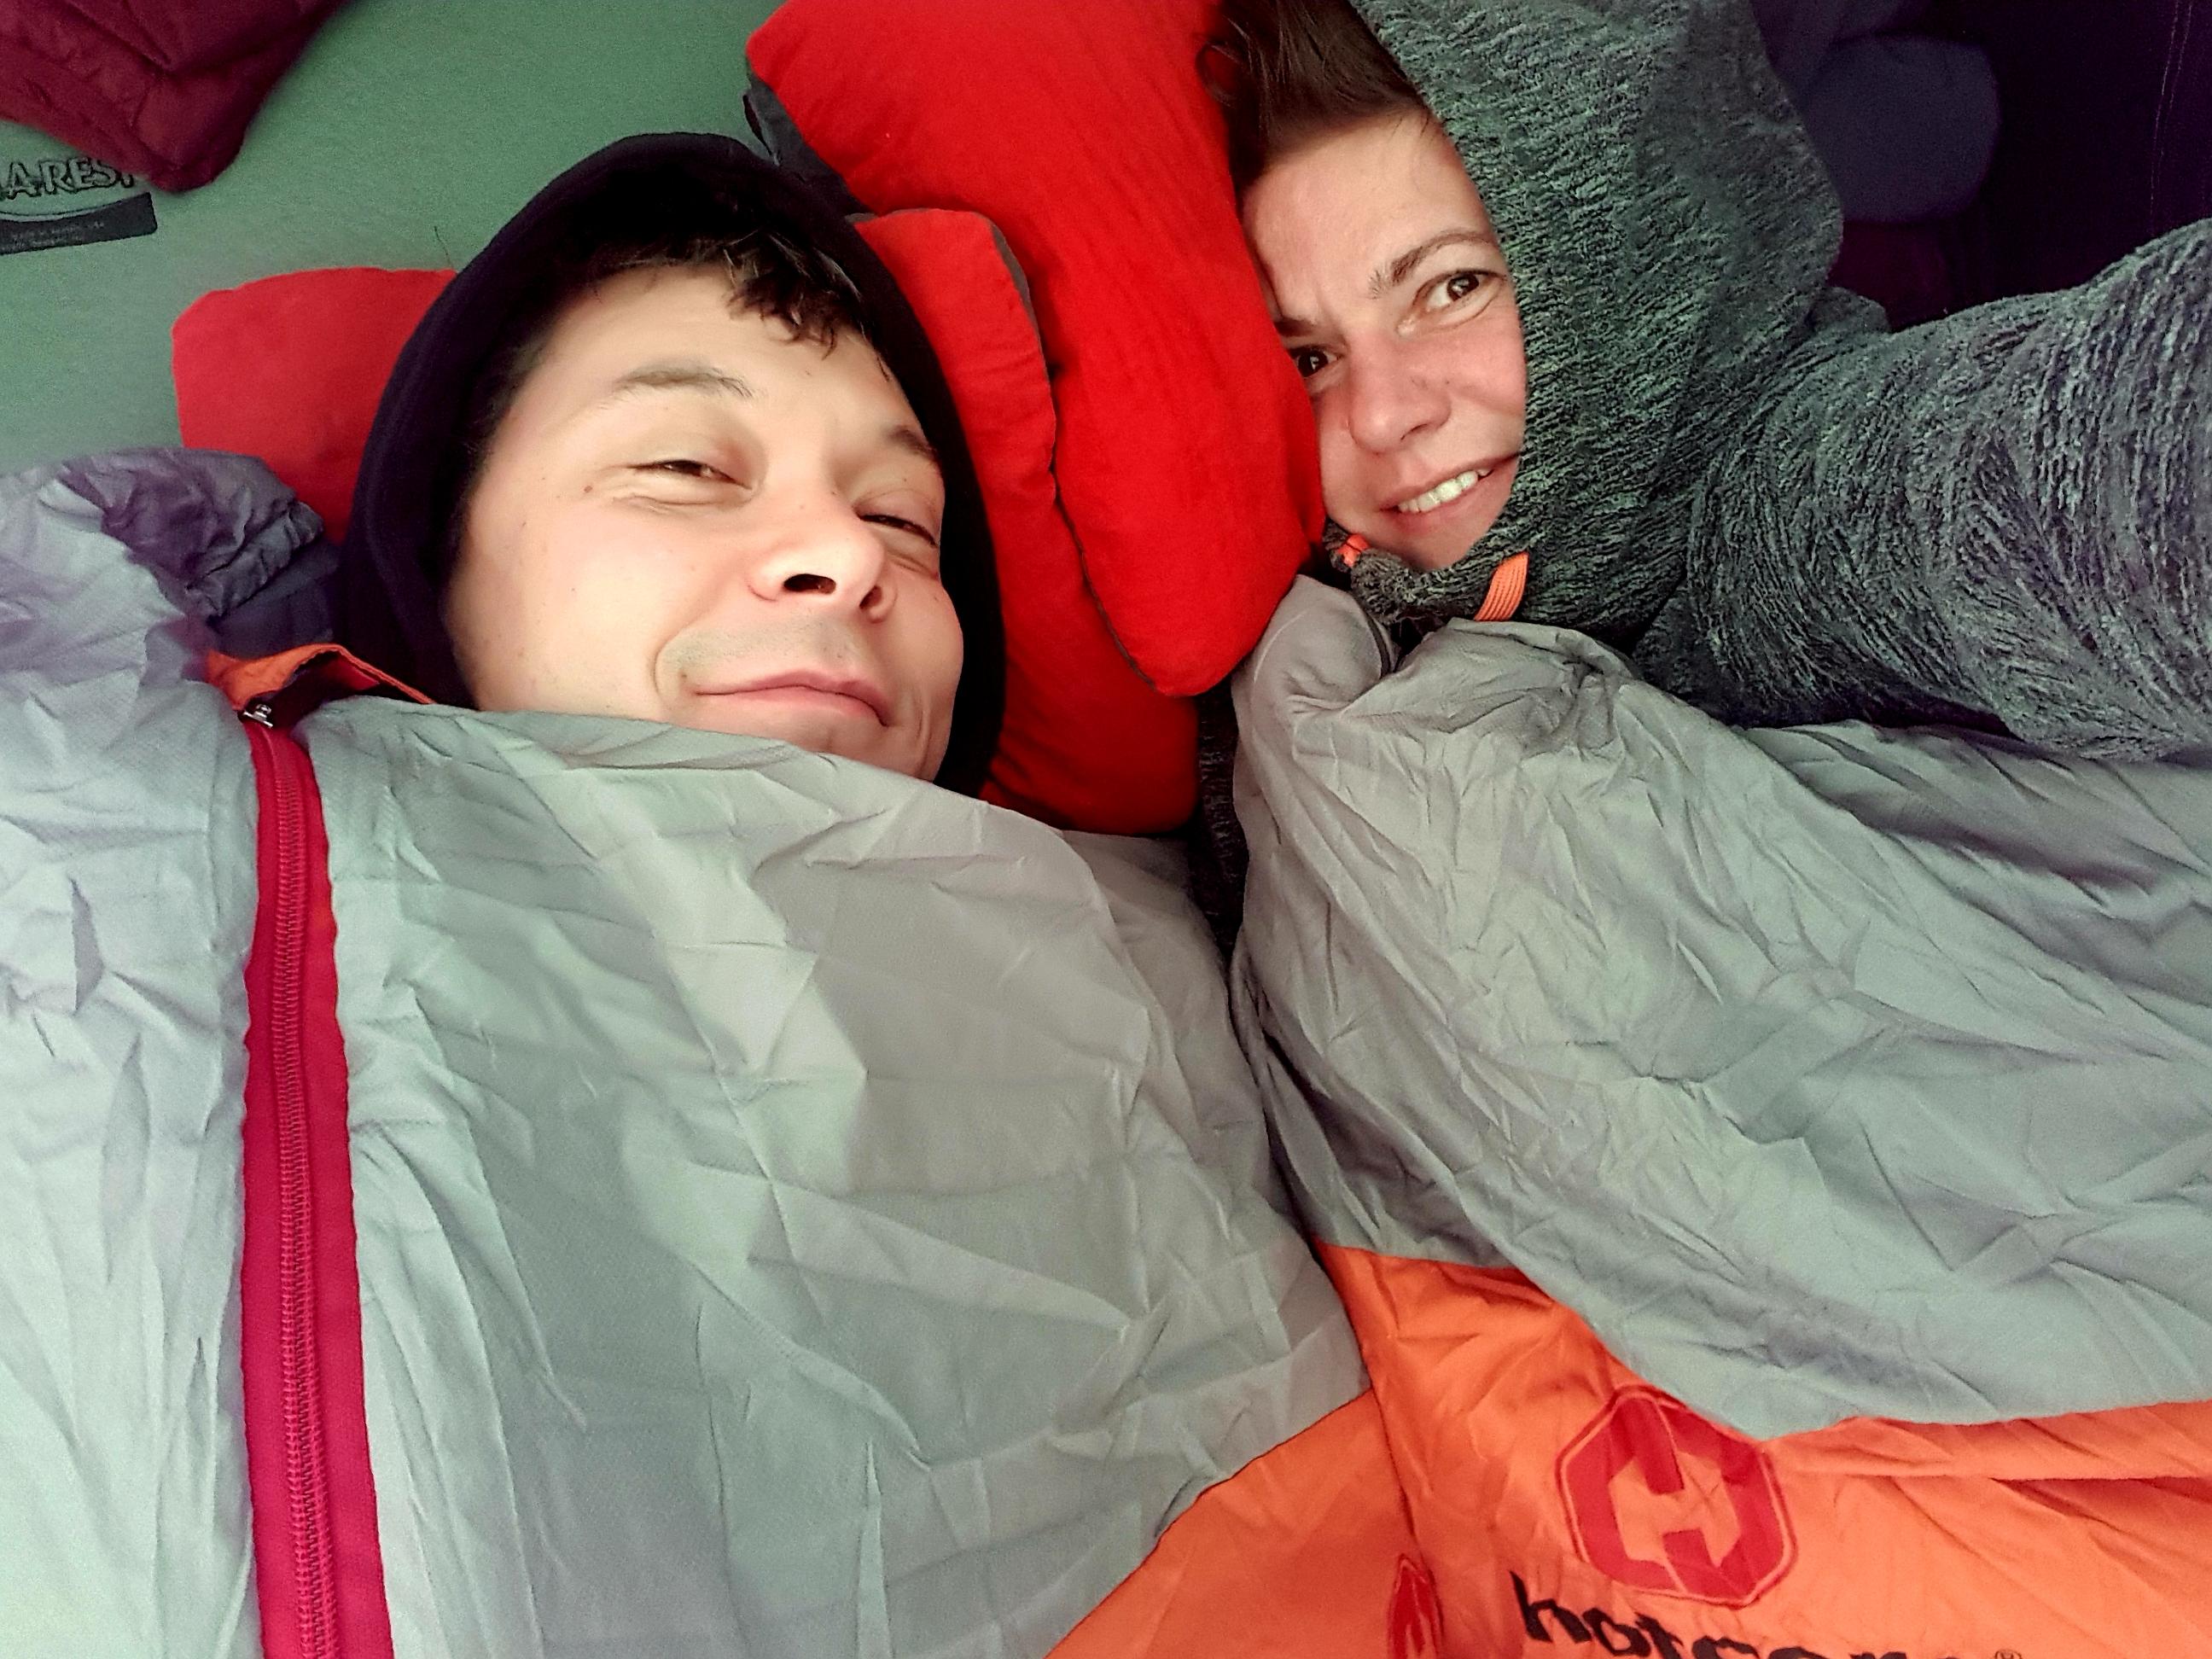 in sleeping bags